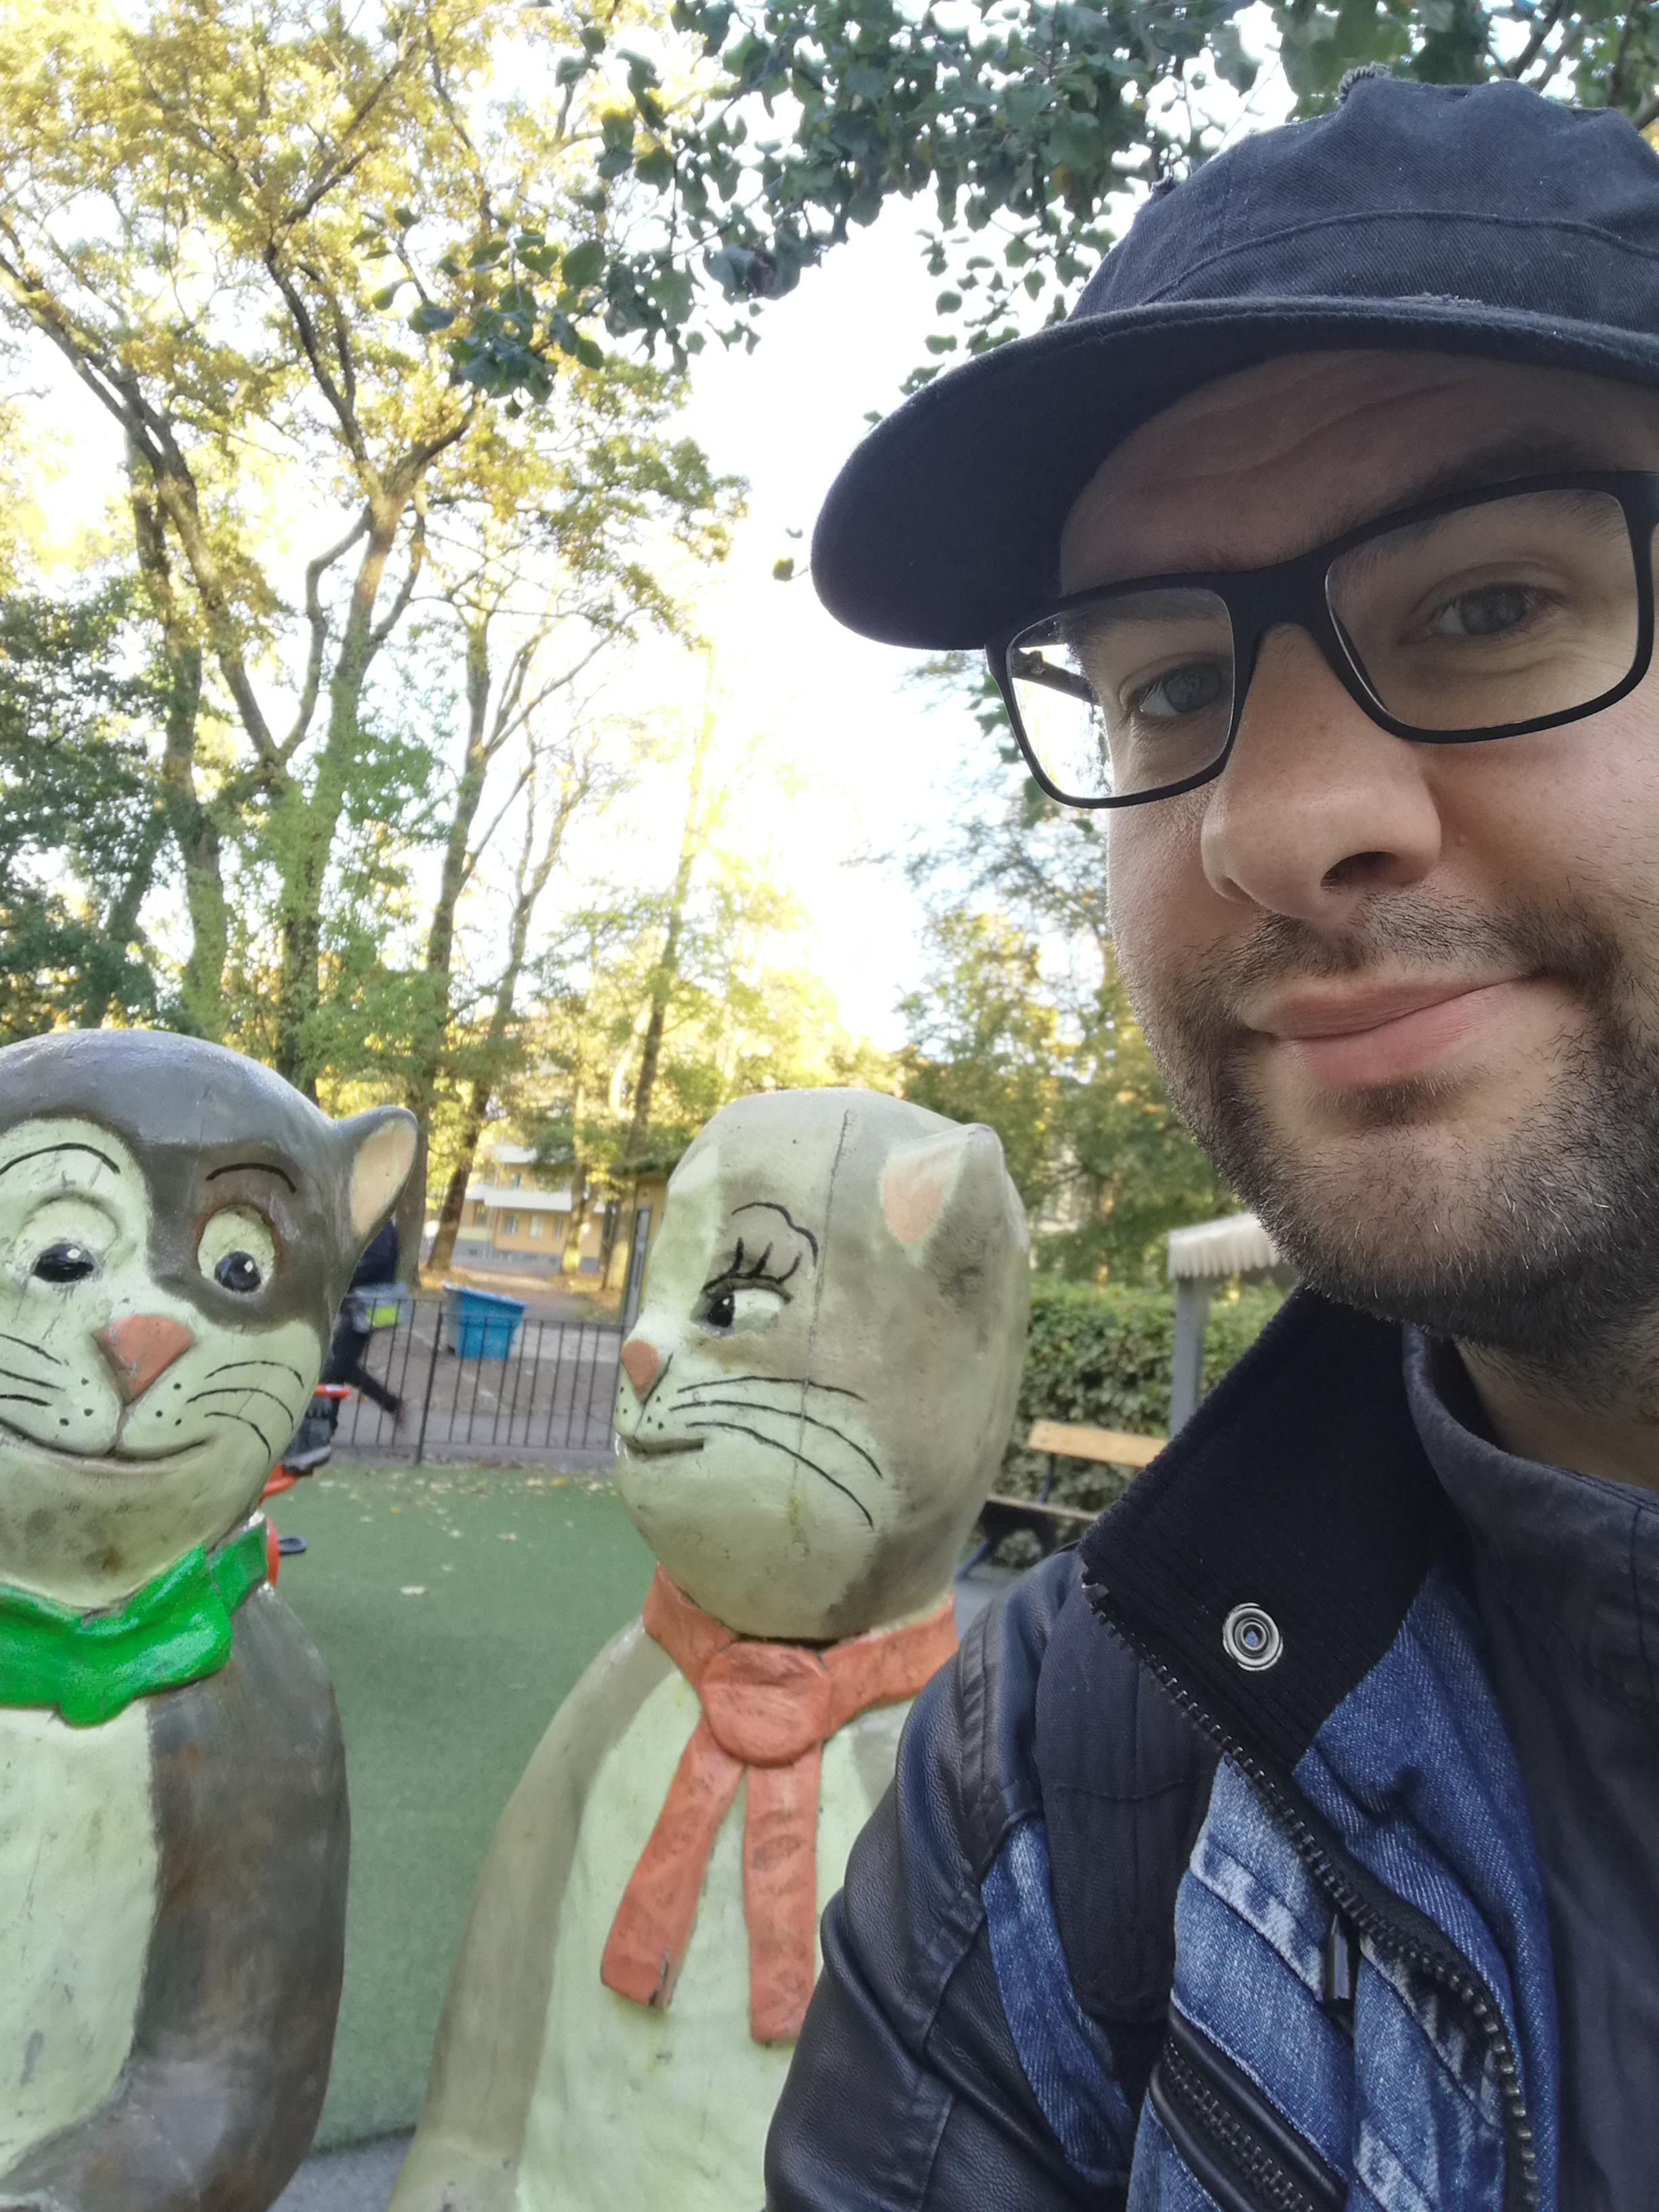 Han tittar in i kameran. Han har glasögon och keps. I bakgrunden syns statyer av Pelle Svanslös och Maja Gräddnos.